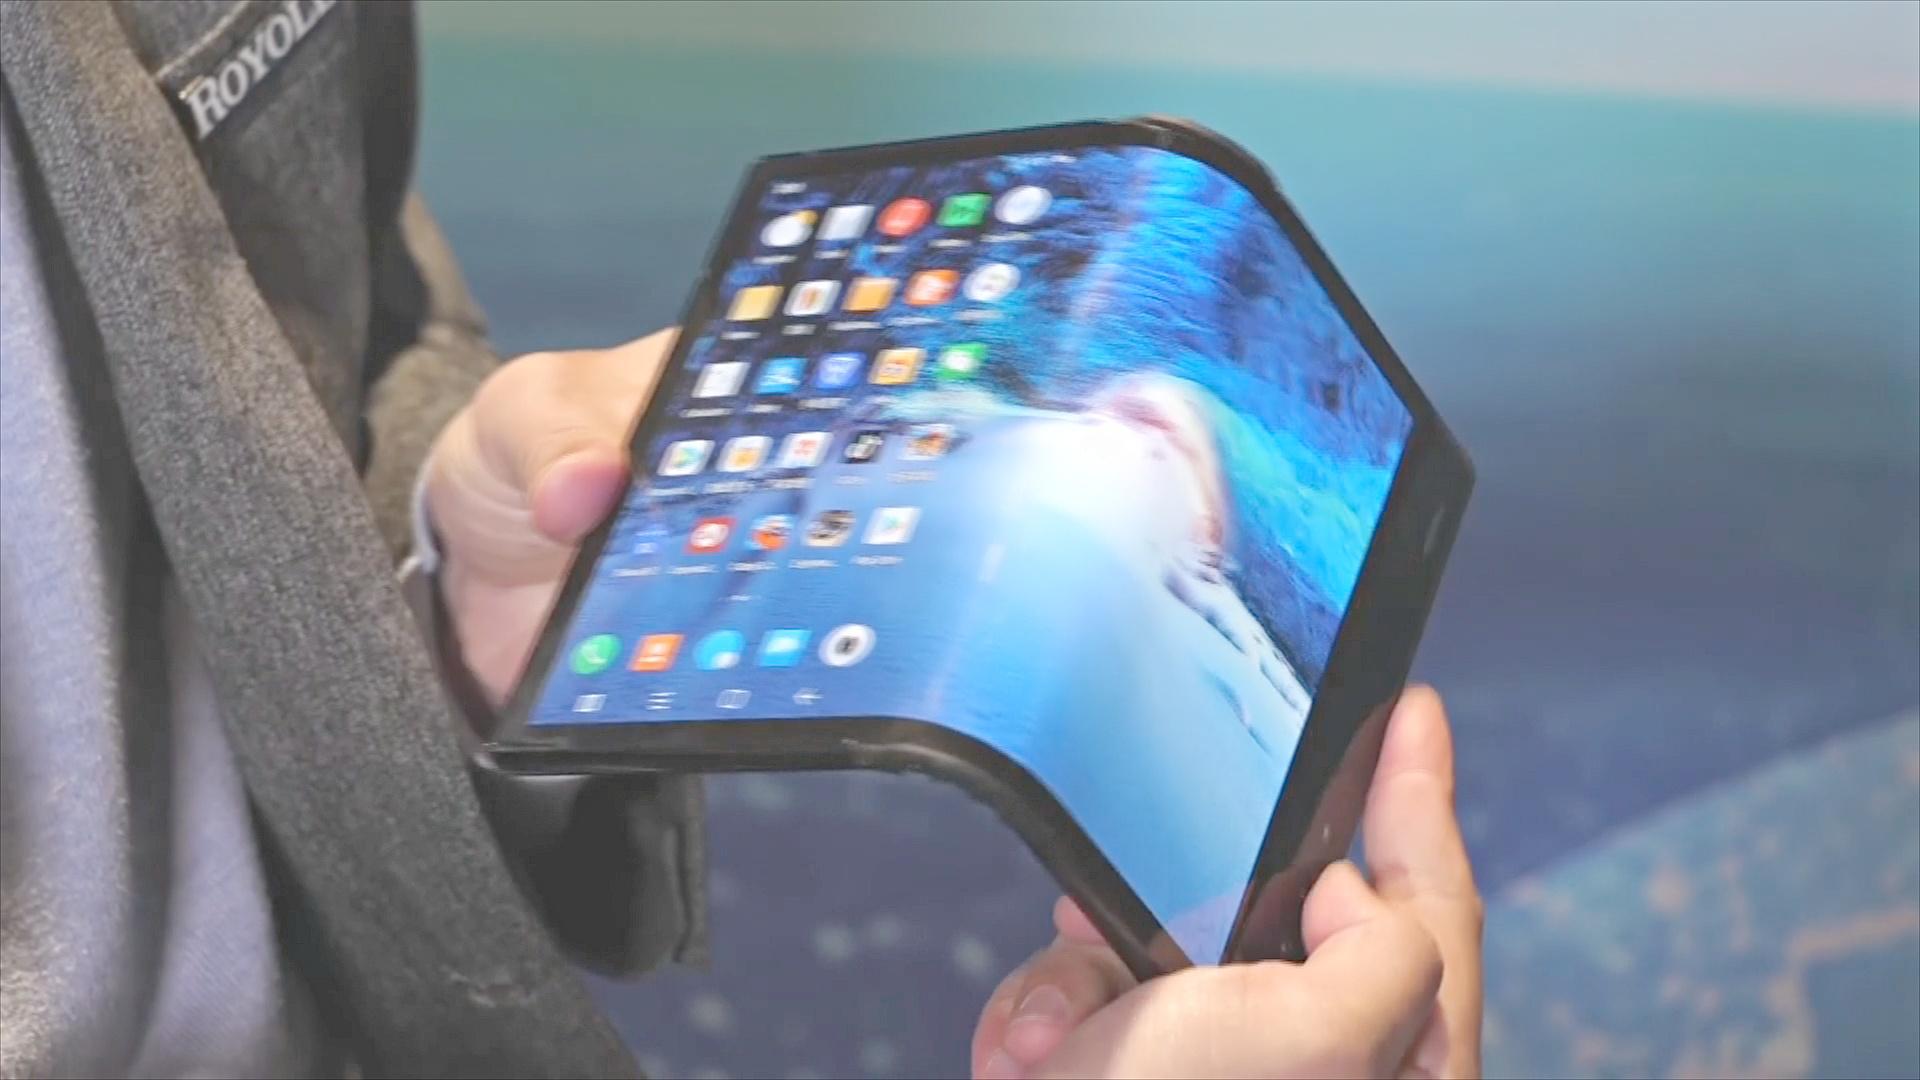 CES-2019 в Лас-Вегасе: сгибающийся телефон и выплывающий телевизор